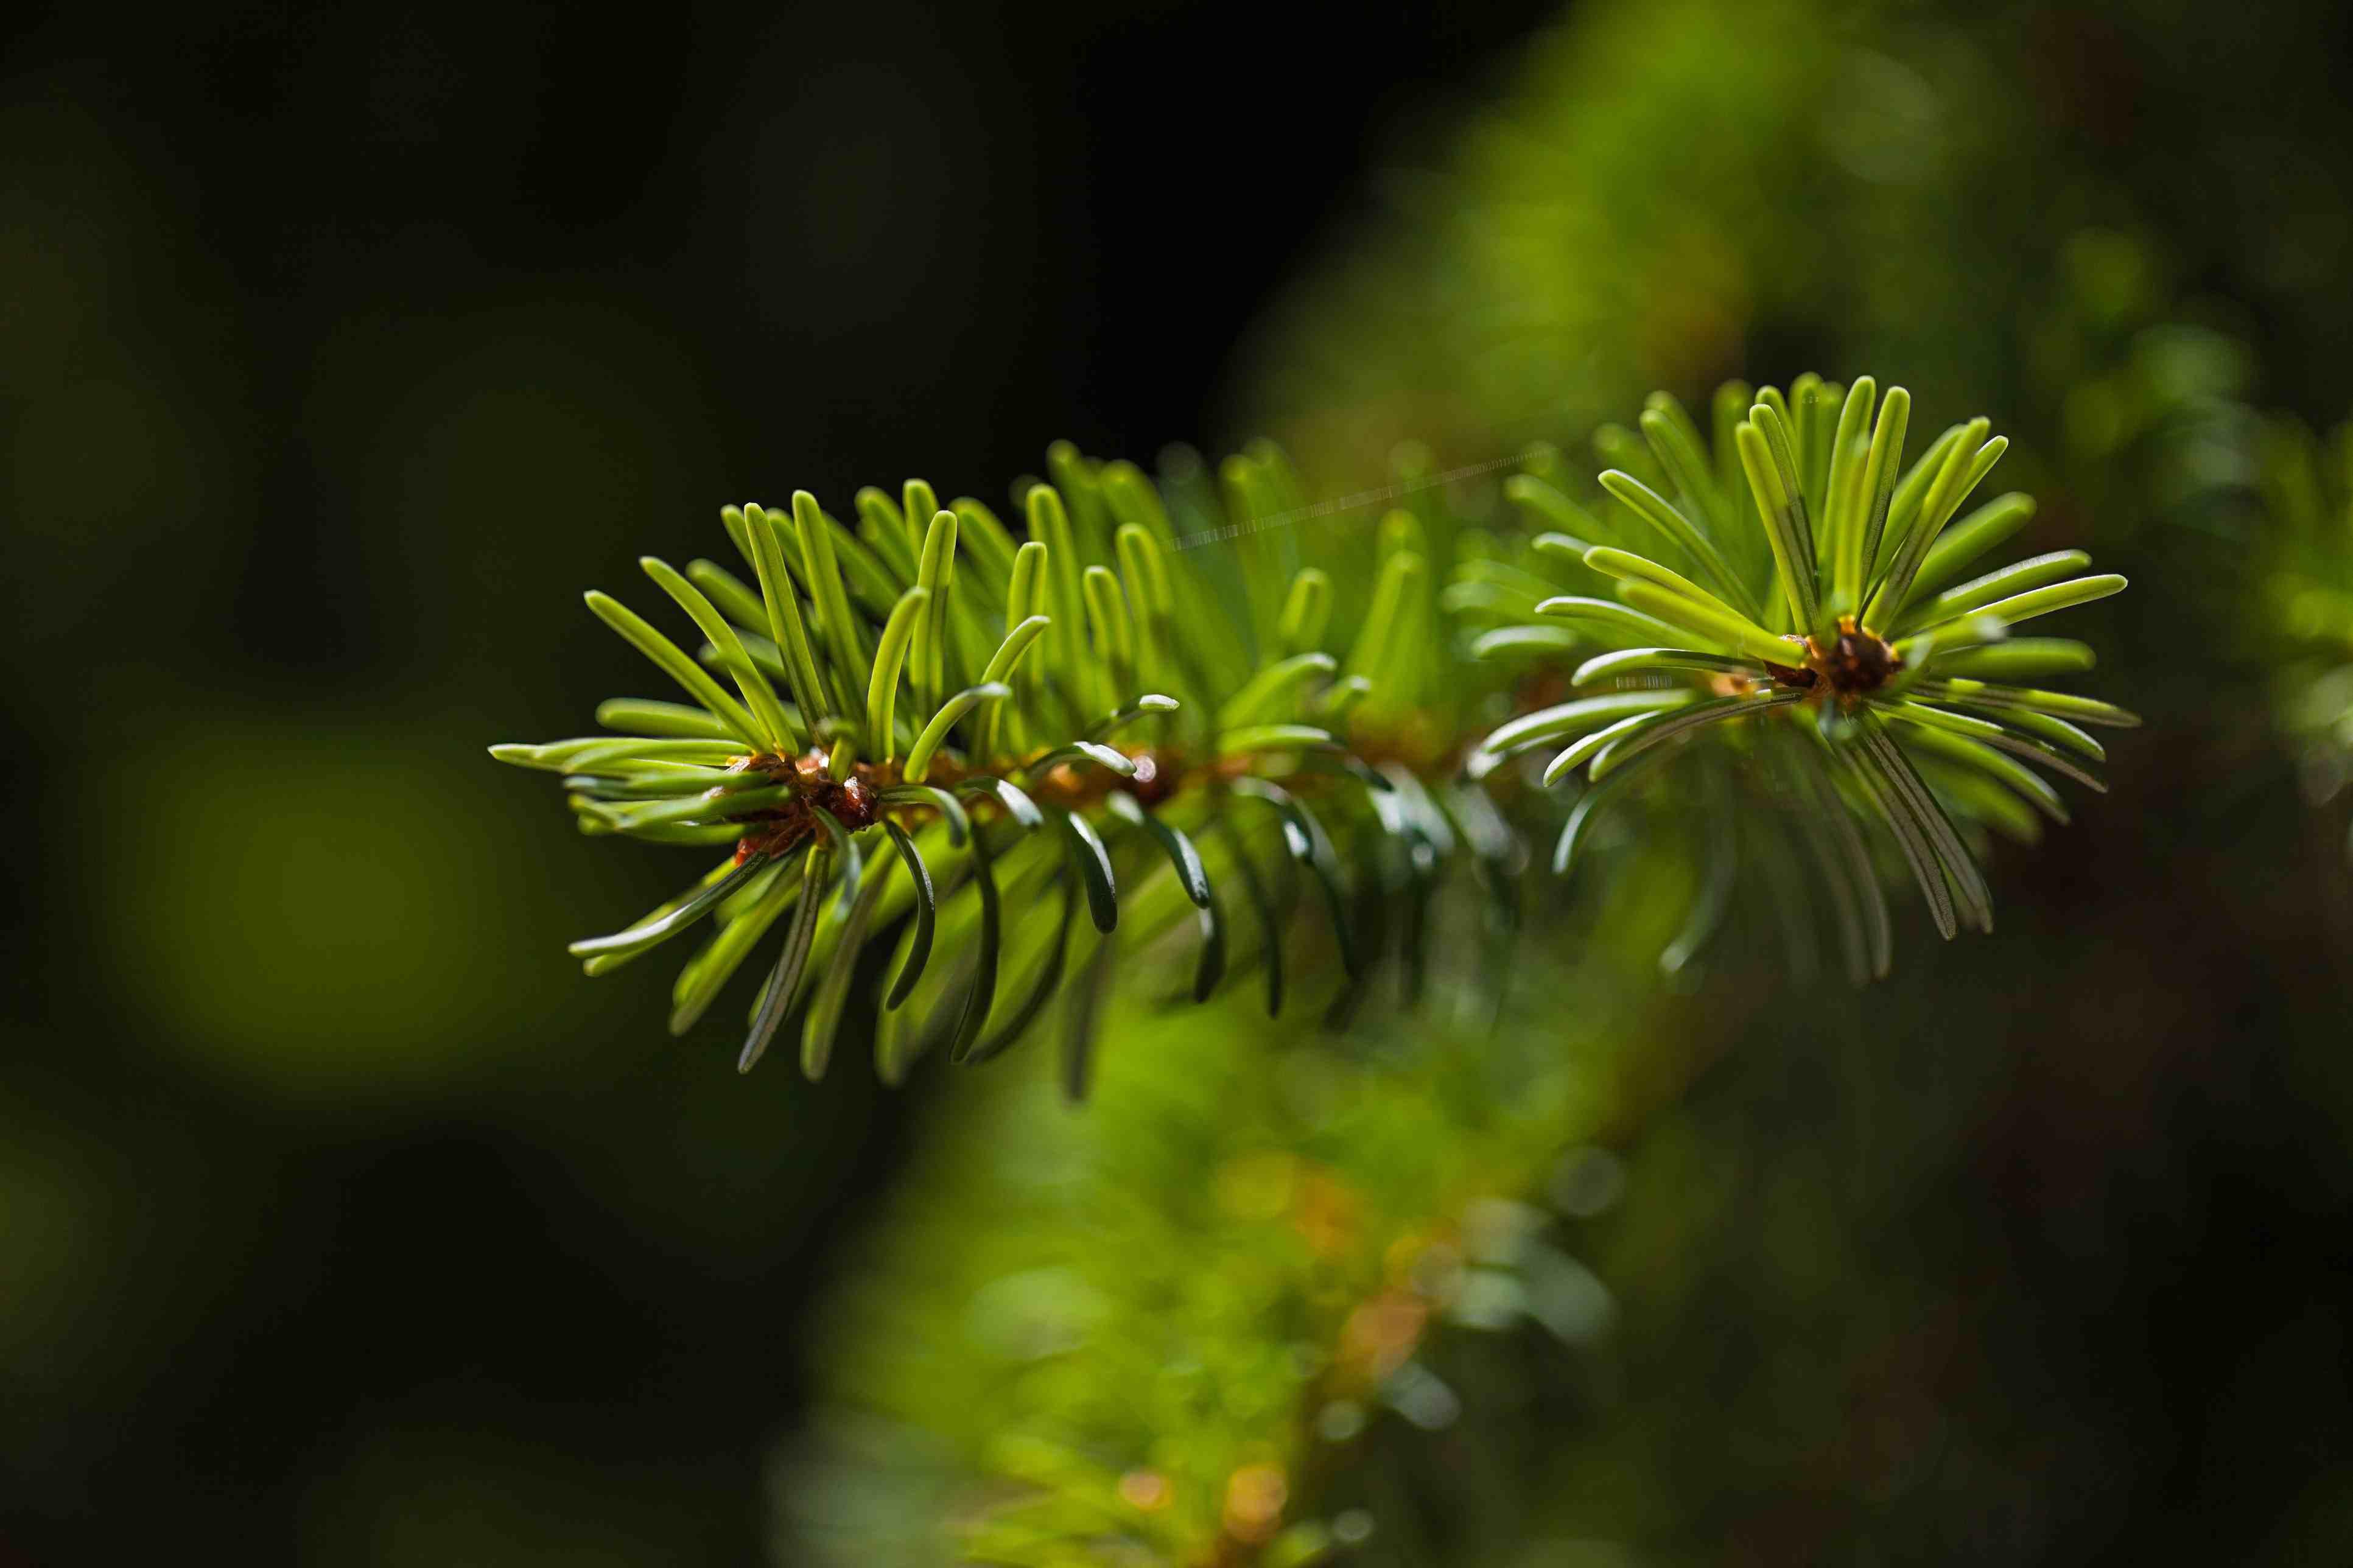 Picea serbia